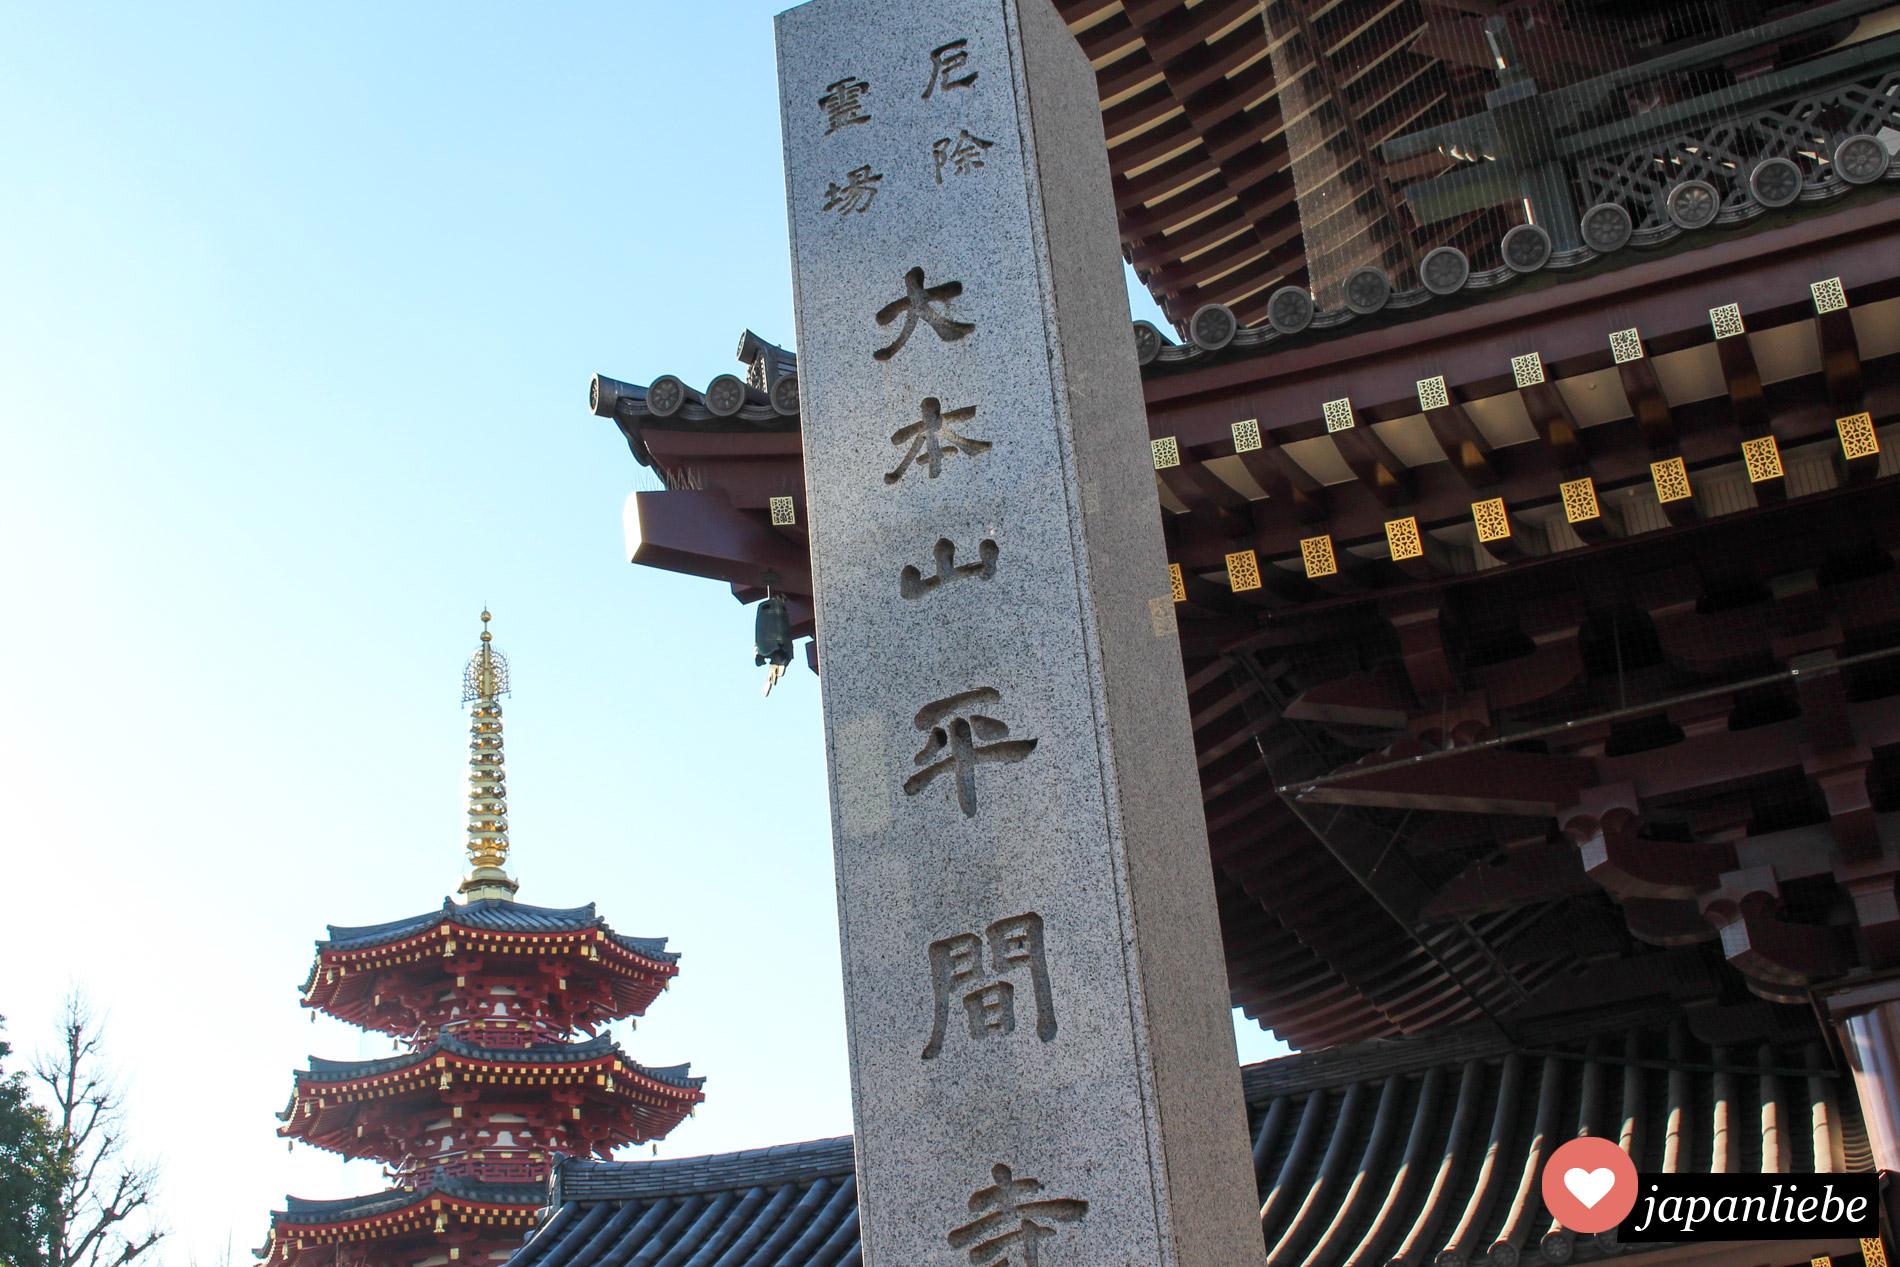 Die Pagode des Heiken-ji Tempels, der im Volksmund als Kawasaki Daishi bekannt ist.